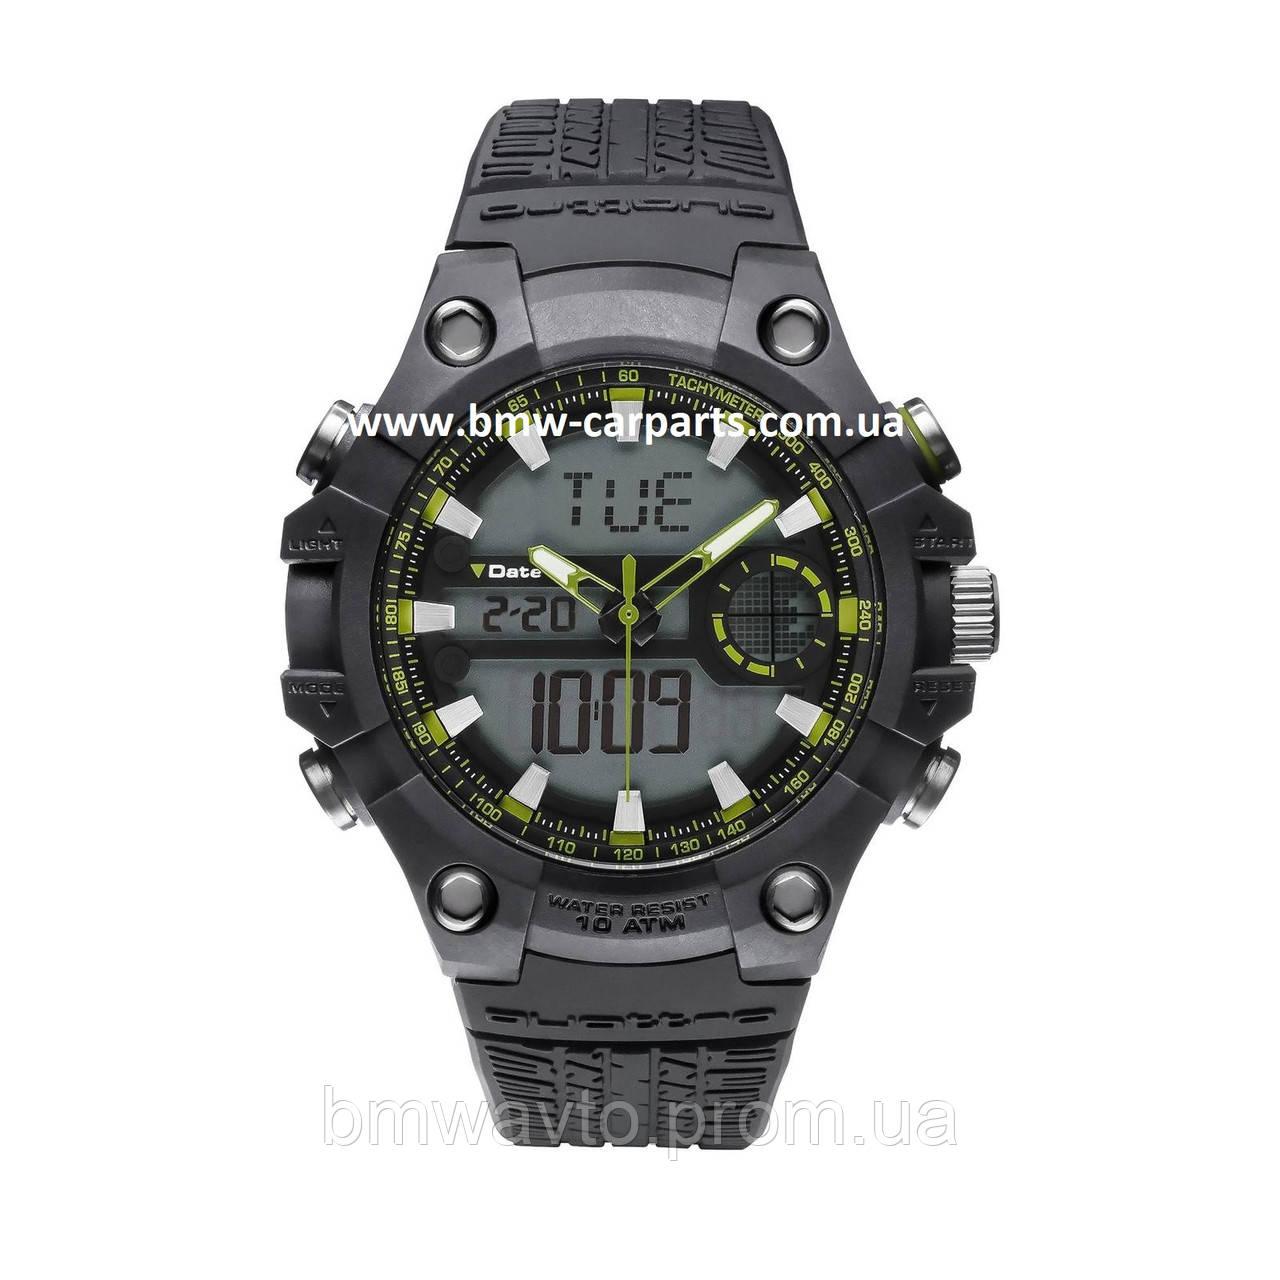 Наручные часы Audi quattro Outdoor Watch